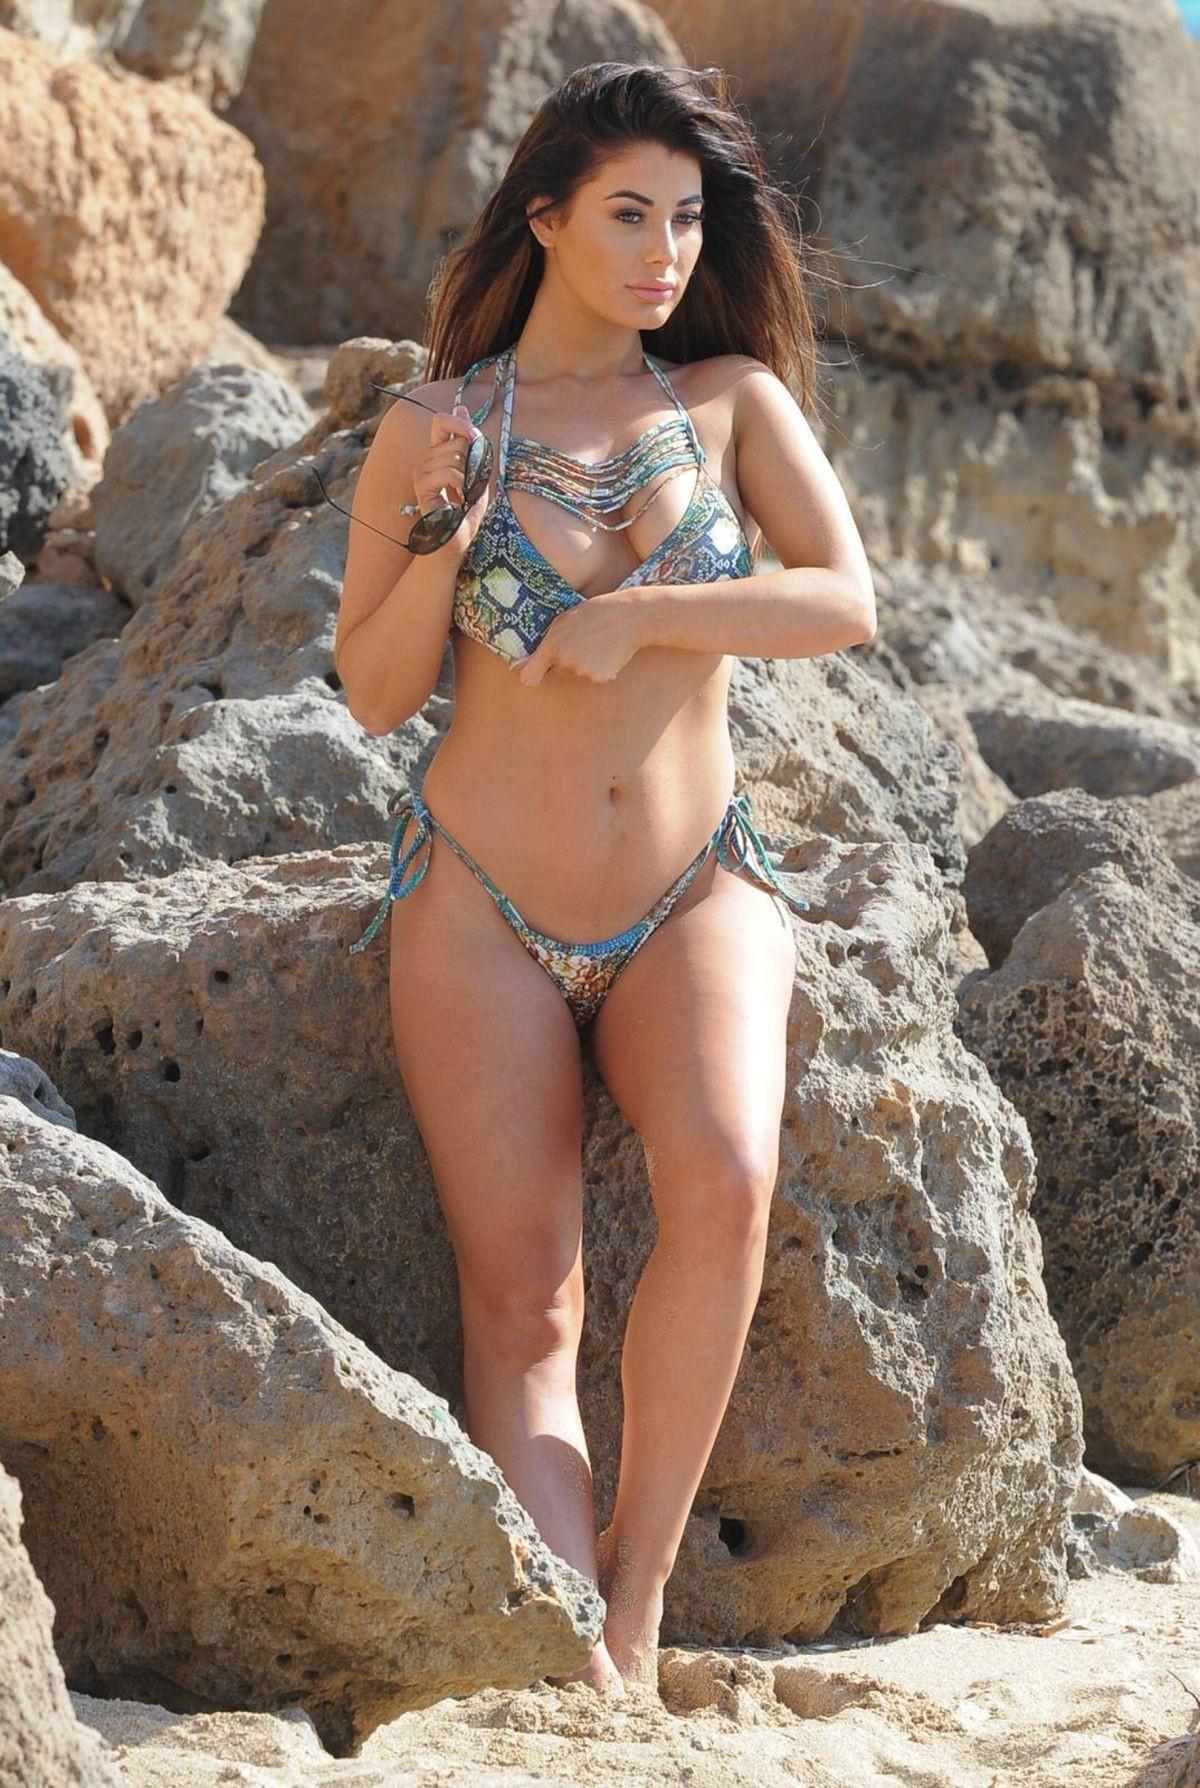 Jessica Hayes khoe tối đa hình thể nảy nở với bikini bé xíu ở biển Ảnh 6